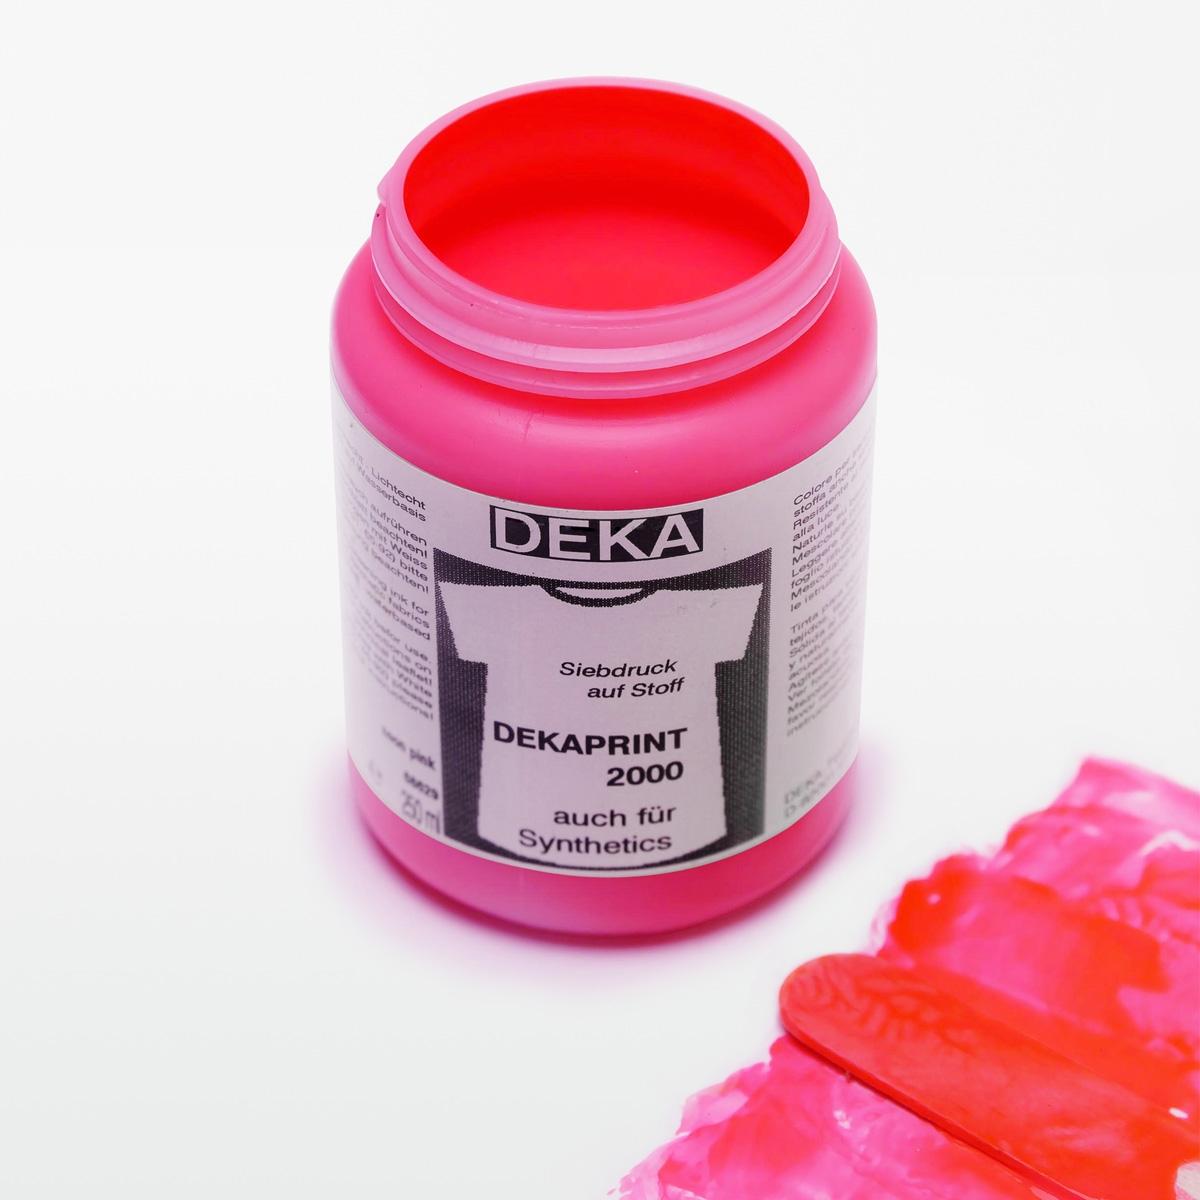 neon siebdruckfarbe pink von dekaprint kaufen siebdruckversand der online shop f r. Black Bedroom Furniture Sets. Home Design Ideas